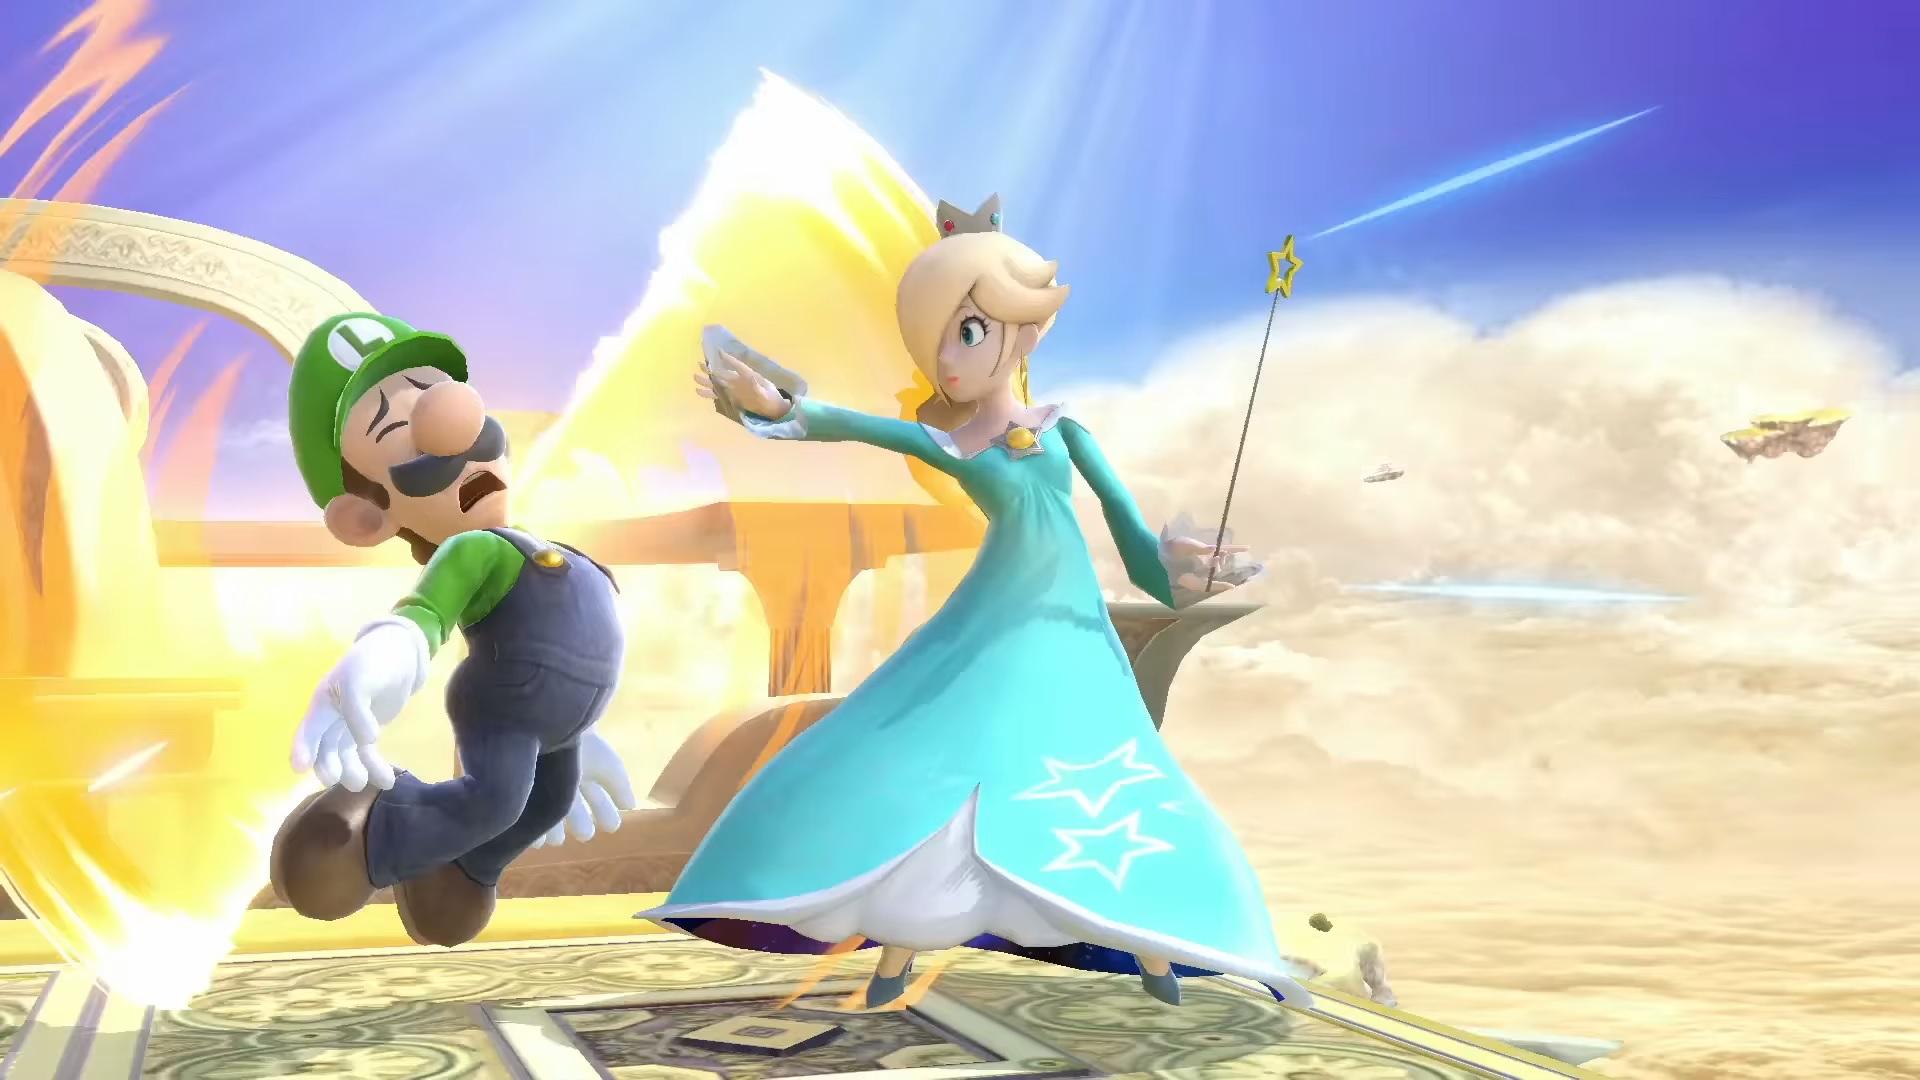 Rosalina and Luma Smash Ultimate